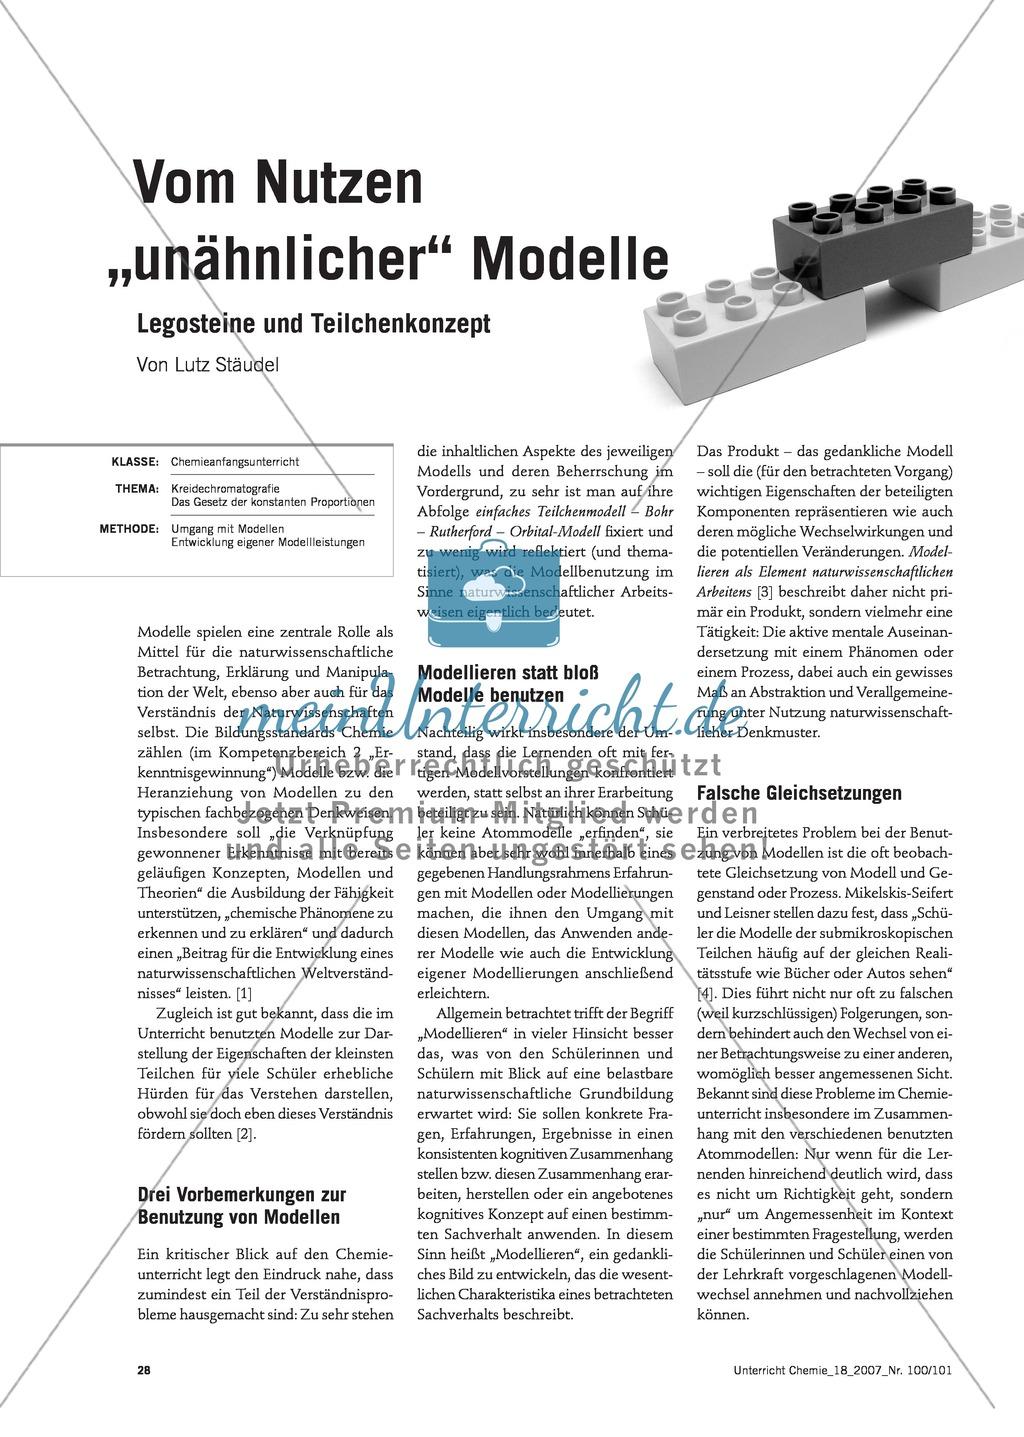 Modellieren: Legosteine und Teilchenkonzept - Kreidechromatographie + Gesetz der konstanten Proportionen + Zellatmung Preview 0